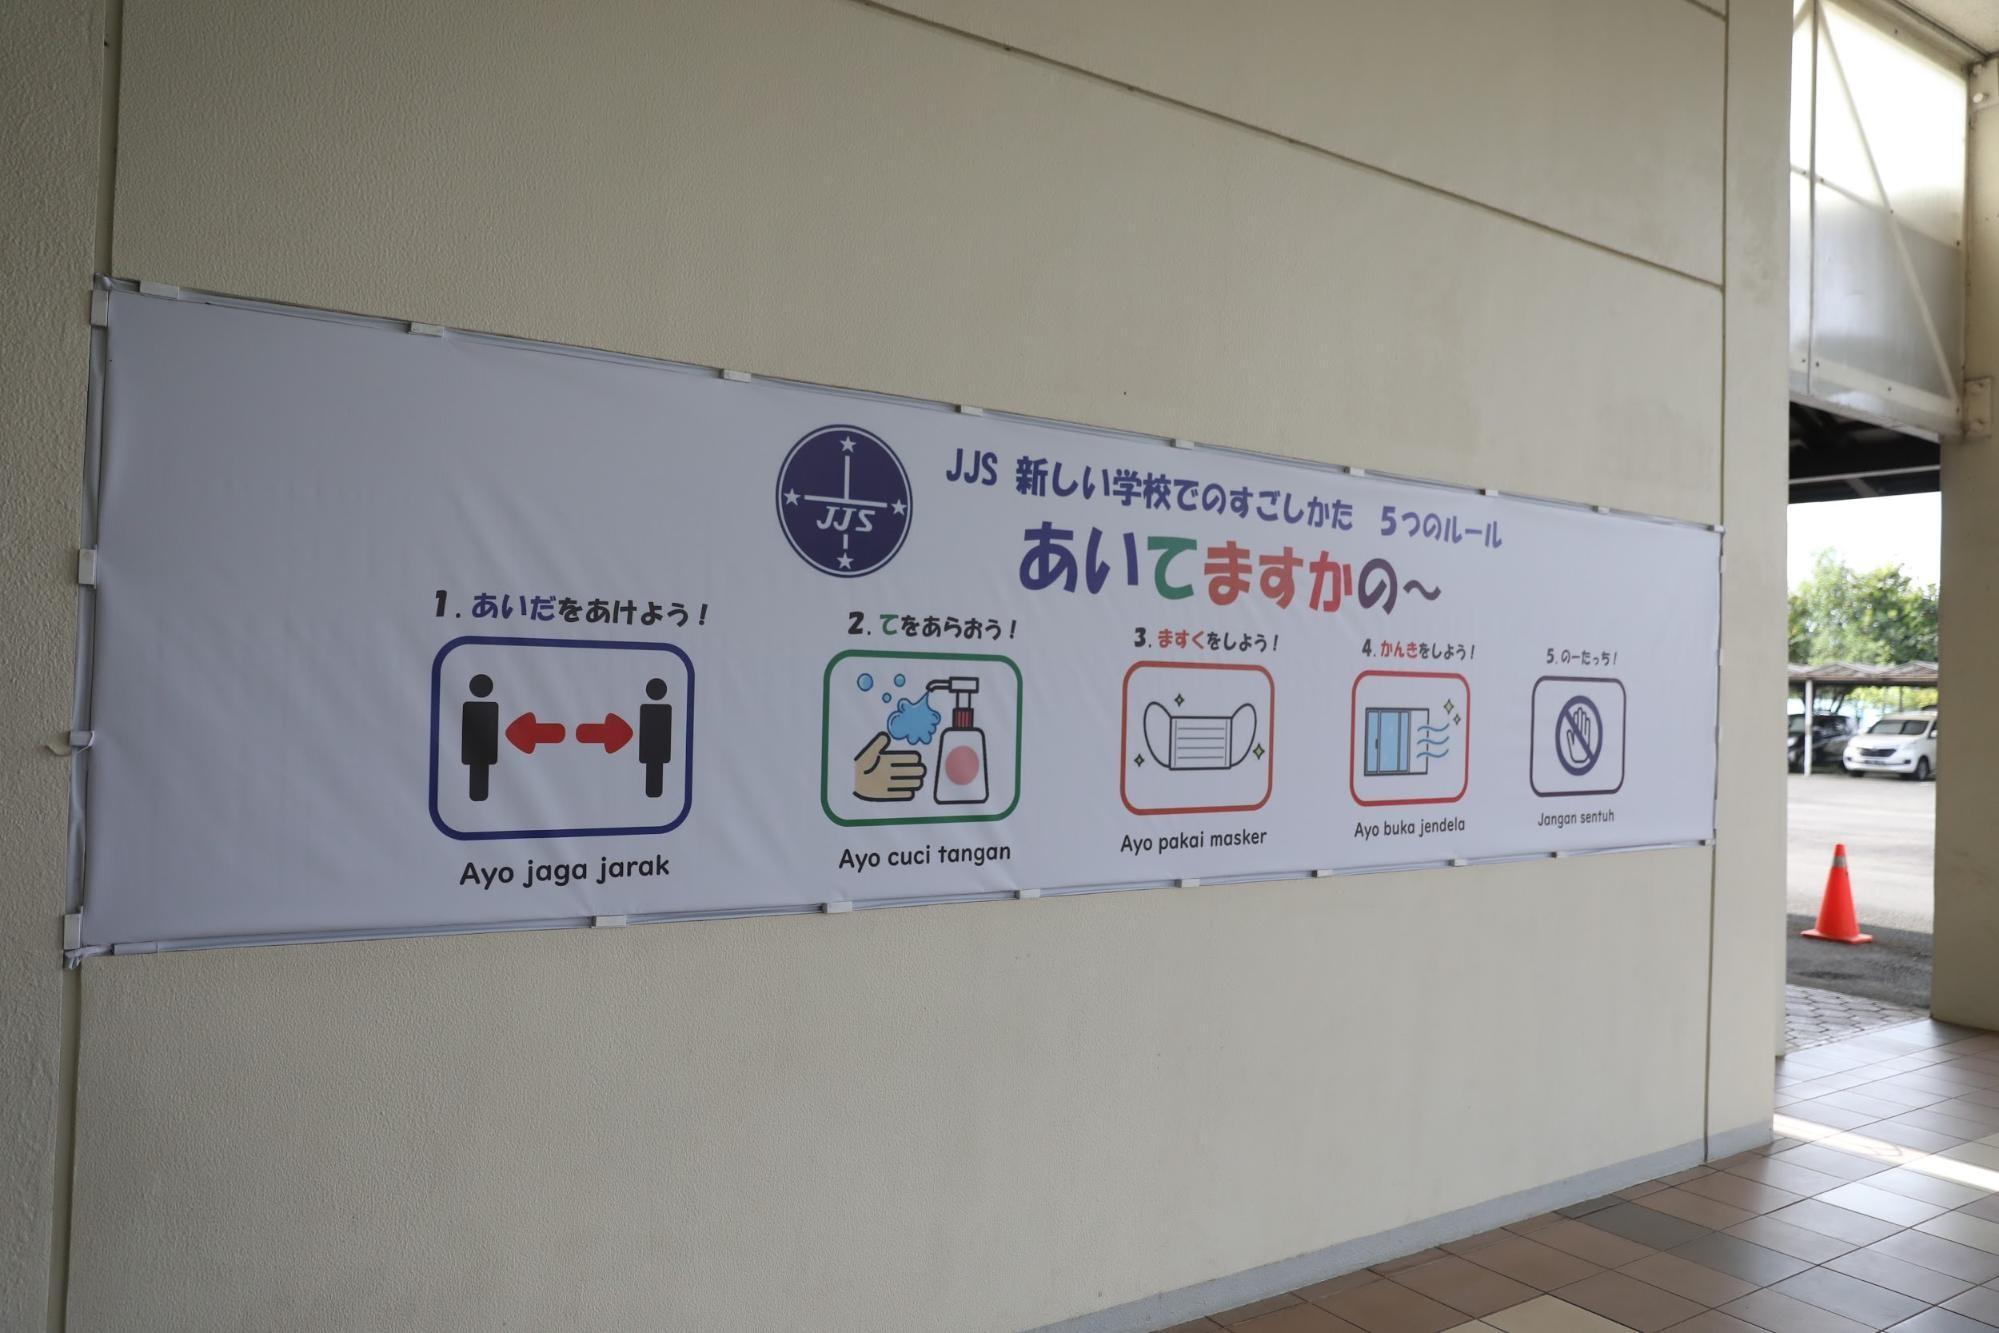 ジャカルタ日本人学校の校舎入り口に掲げられた横断幕「新しい学校でのすごしかた 五つのルール」。朝日新聞ジャカルタ支局の野上英文記者が2021年3月、南タンゲラン市で撮影。